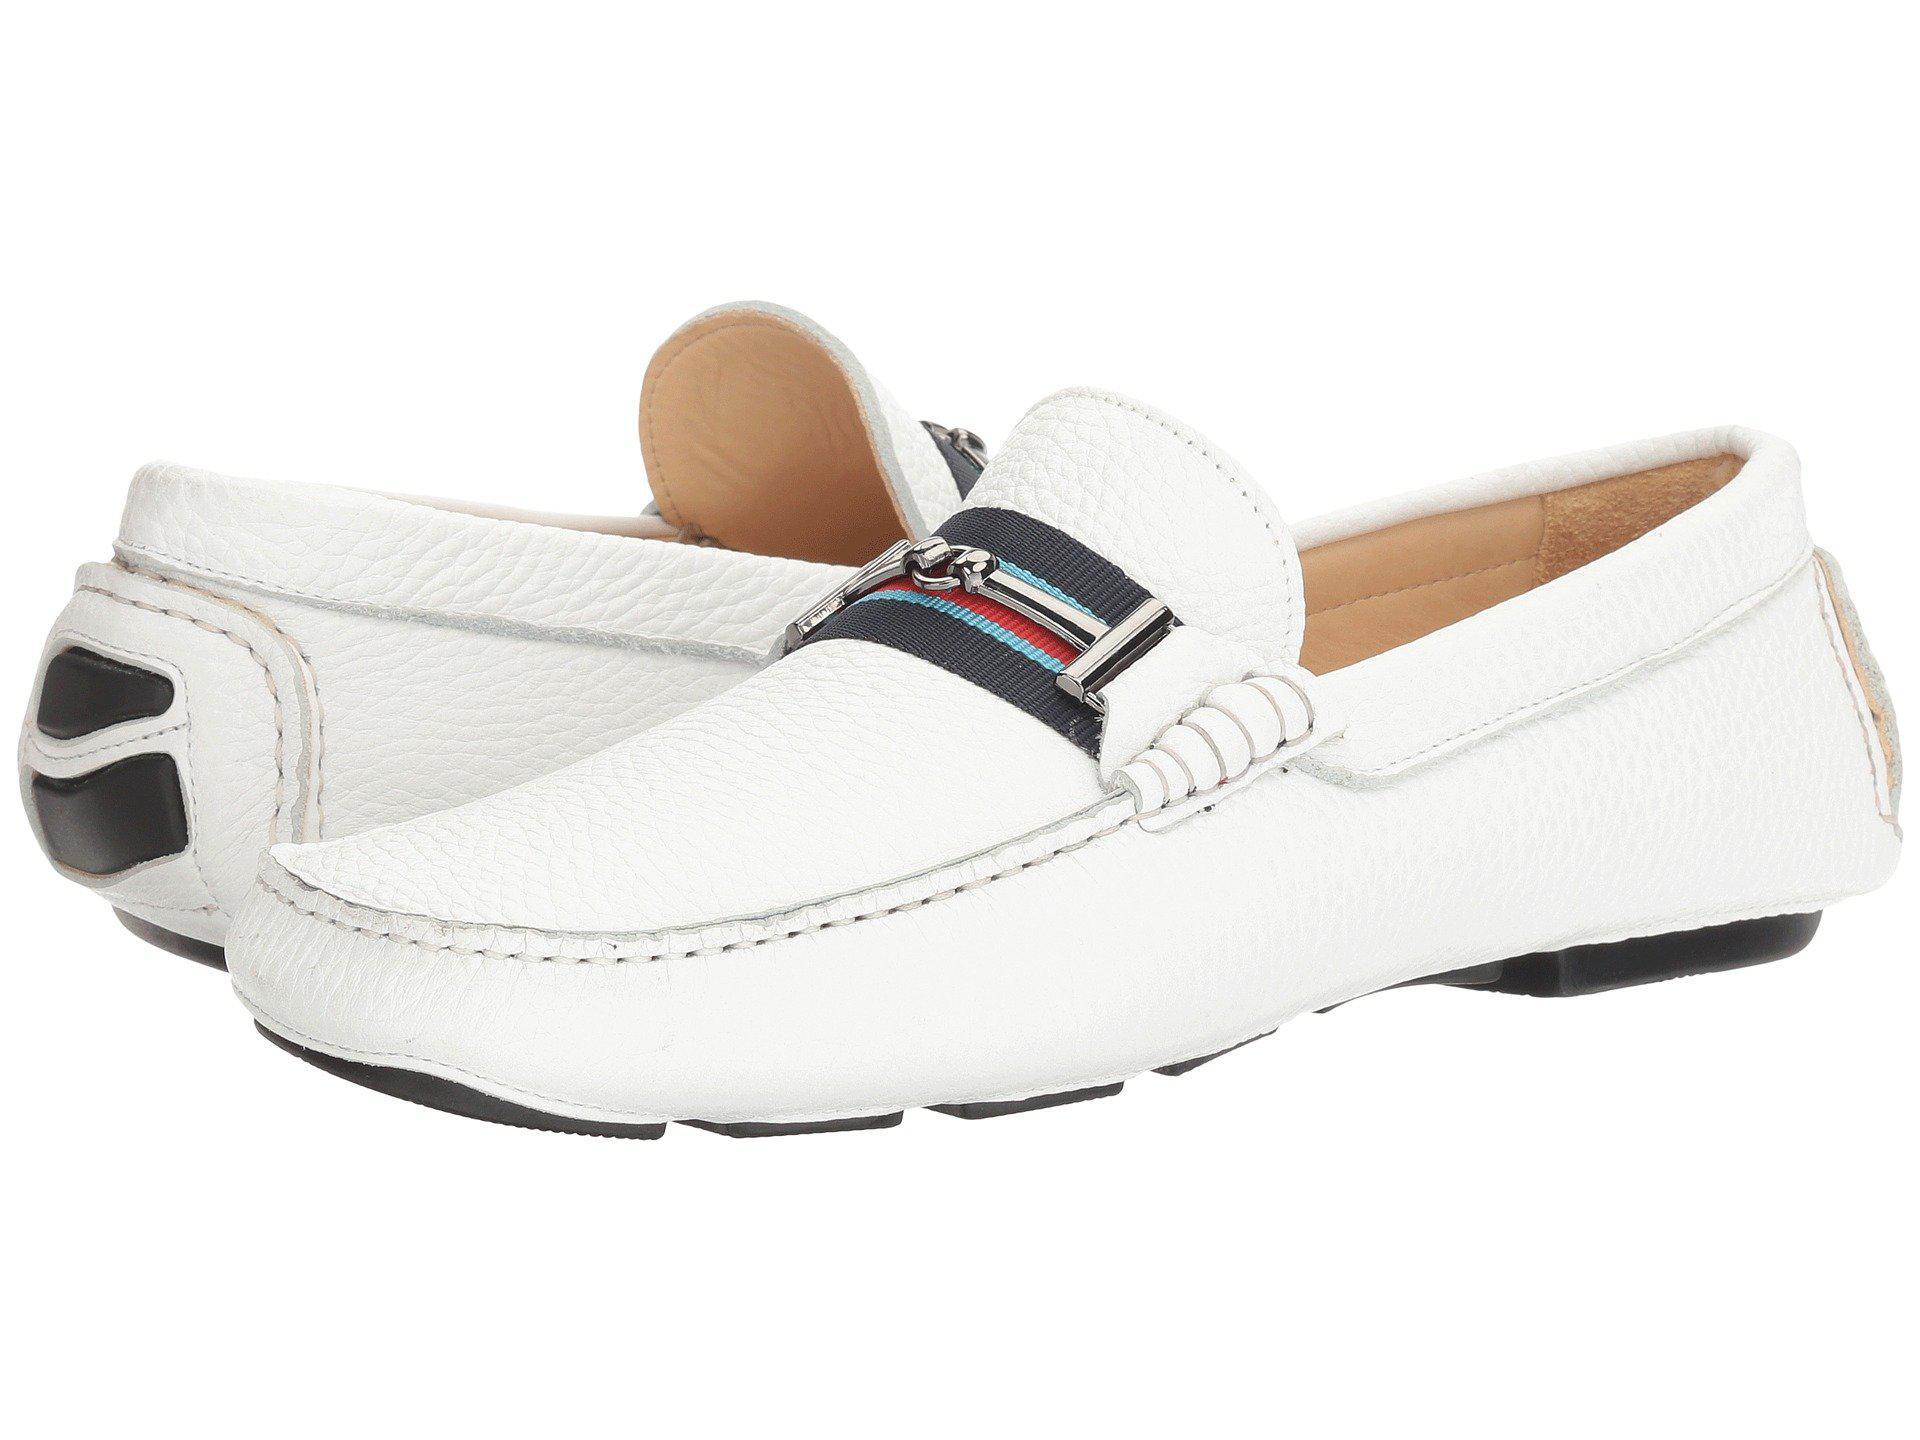 Bugatchi Men's Monza Driving Shoe